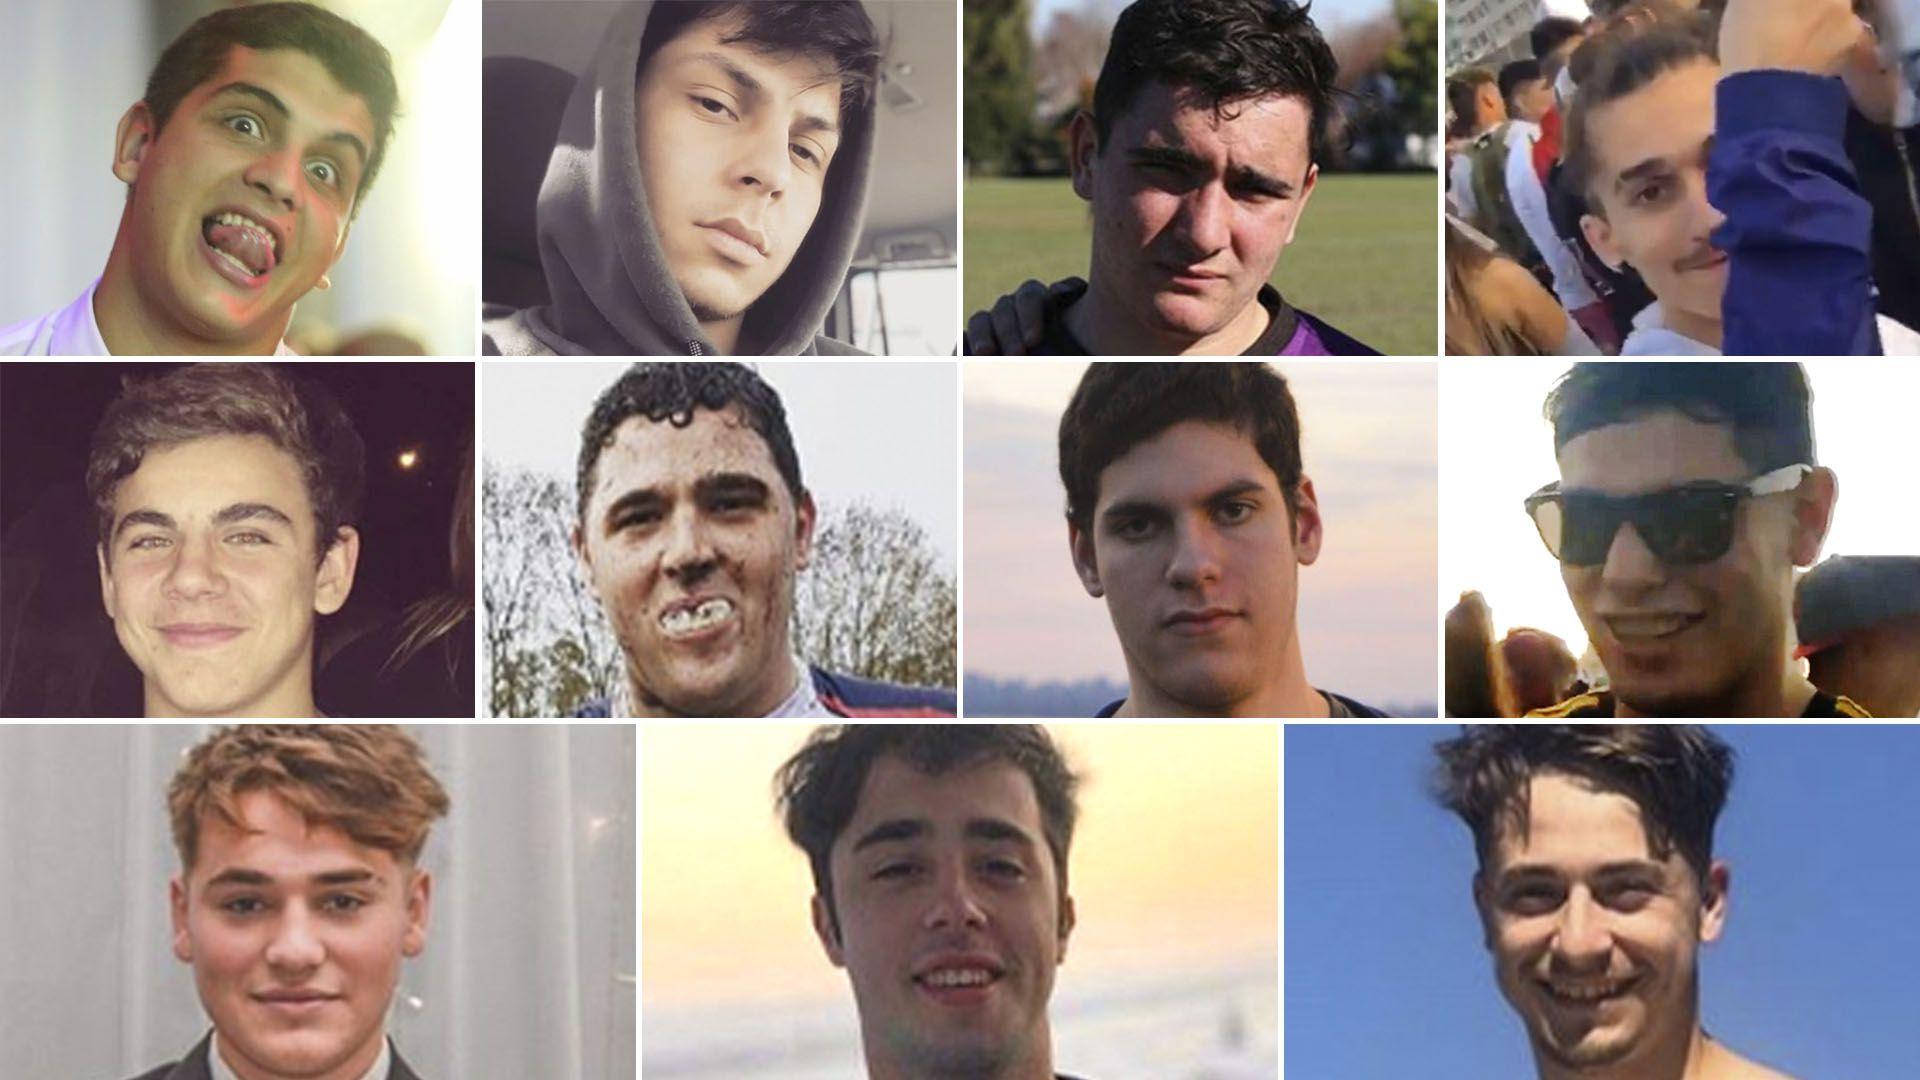 Los 11 jóvenes detenidos por el ataque a golpes mortal contra Fernando Báez Sosa